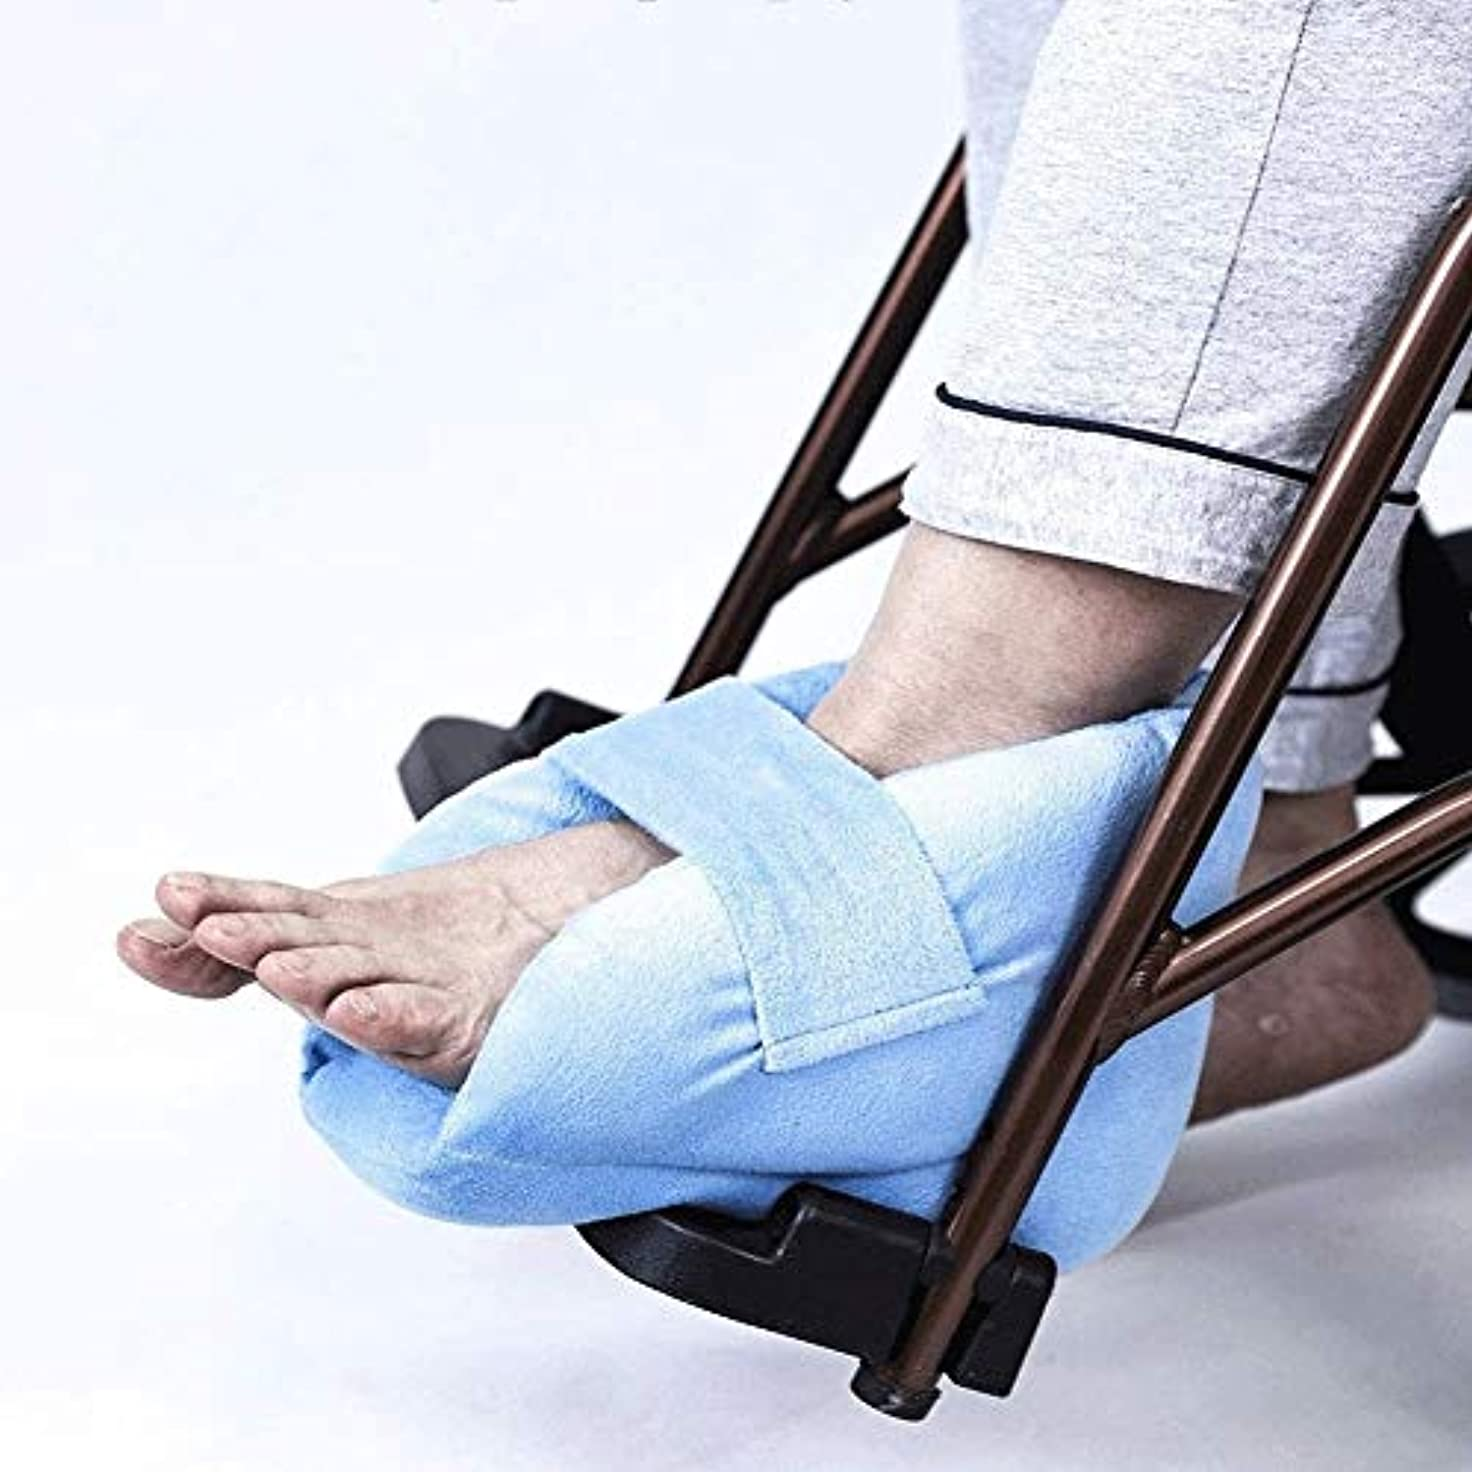 抑圧優越チューインガムかかとプロテクター枕、足補正カバー圧痛とかかと潰瘍の救済 高弾性スポンジ充填、ライトブルー-1ペア